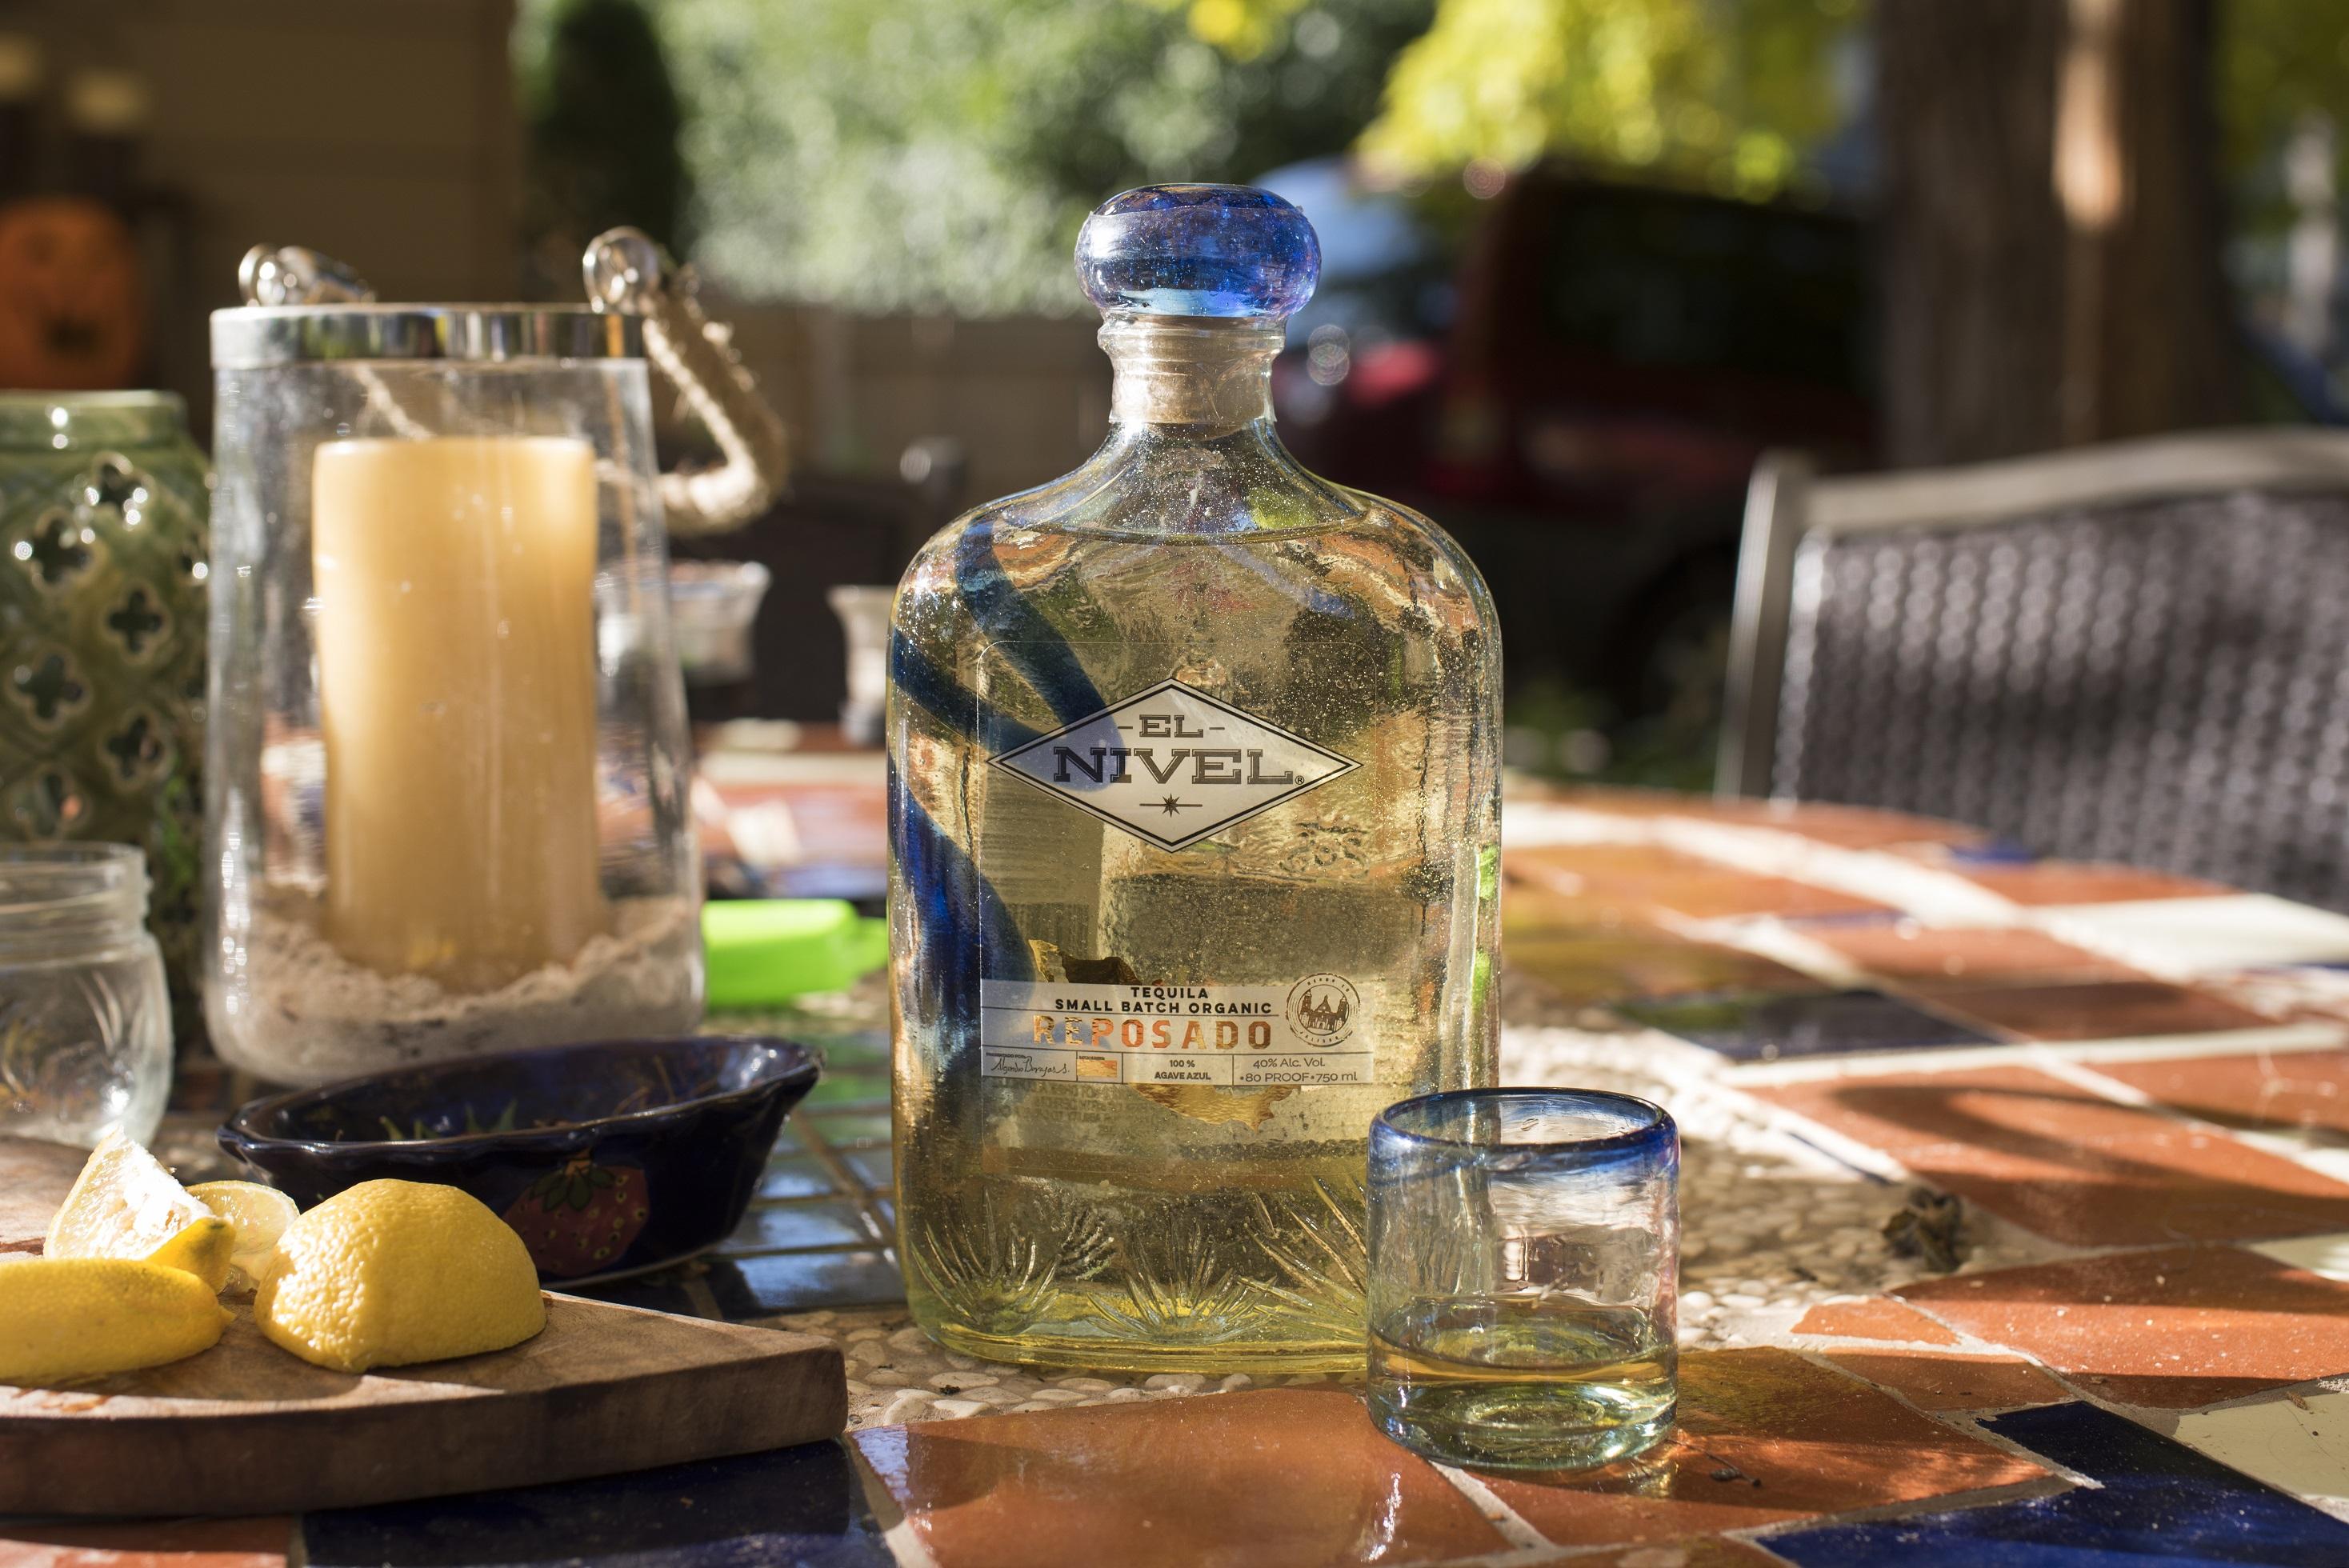 Reposado El Nivel Tequila